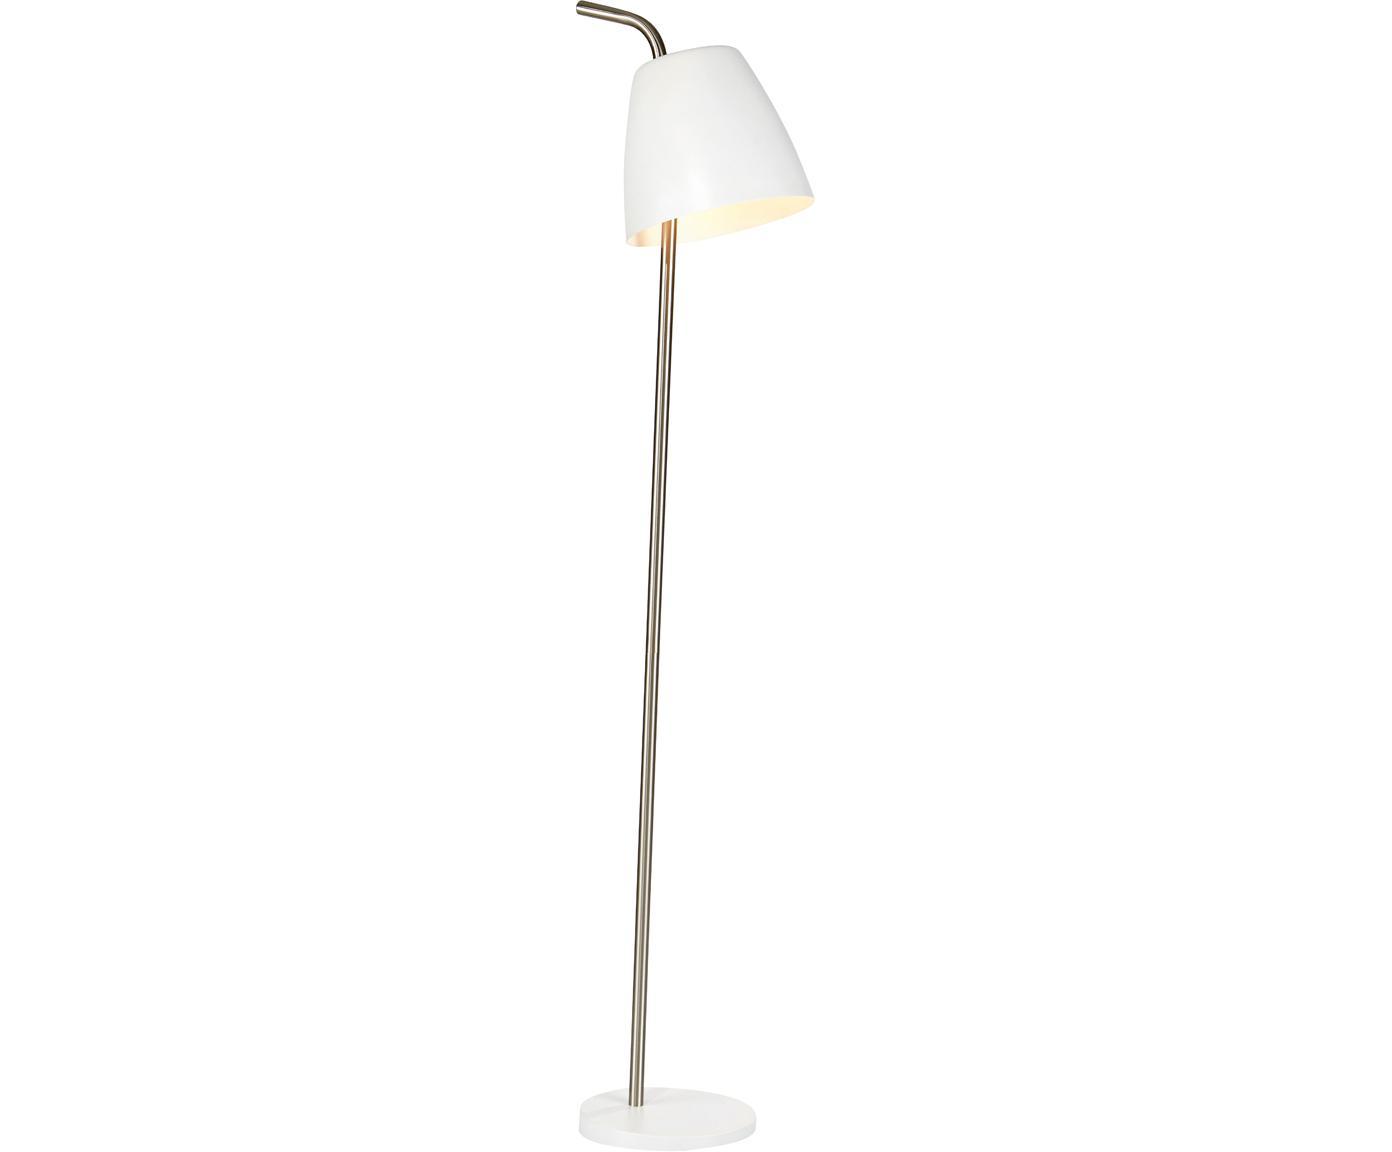 Lampada da terra Spin, Lampada: metallo verniciato, Colori del metallo, Ø 31 x Alt. 137 cm